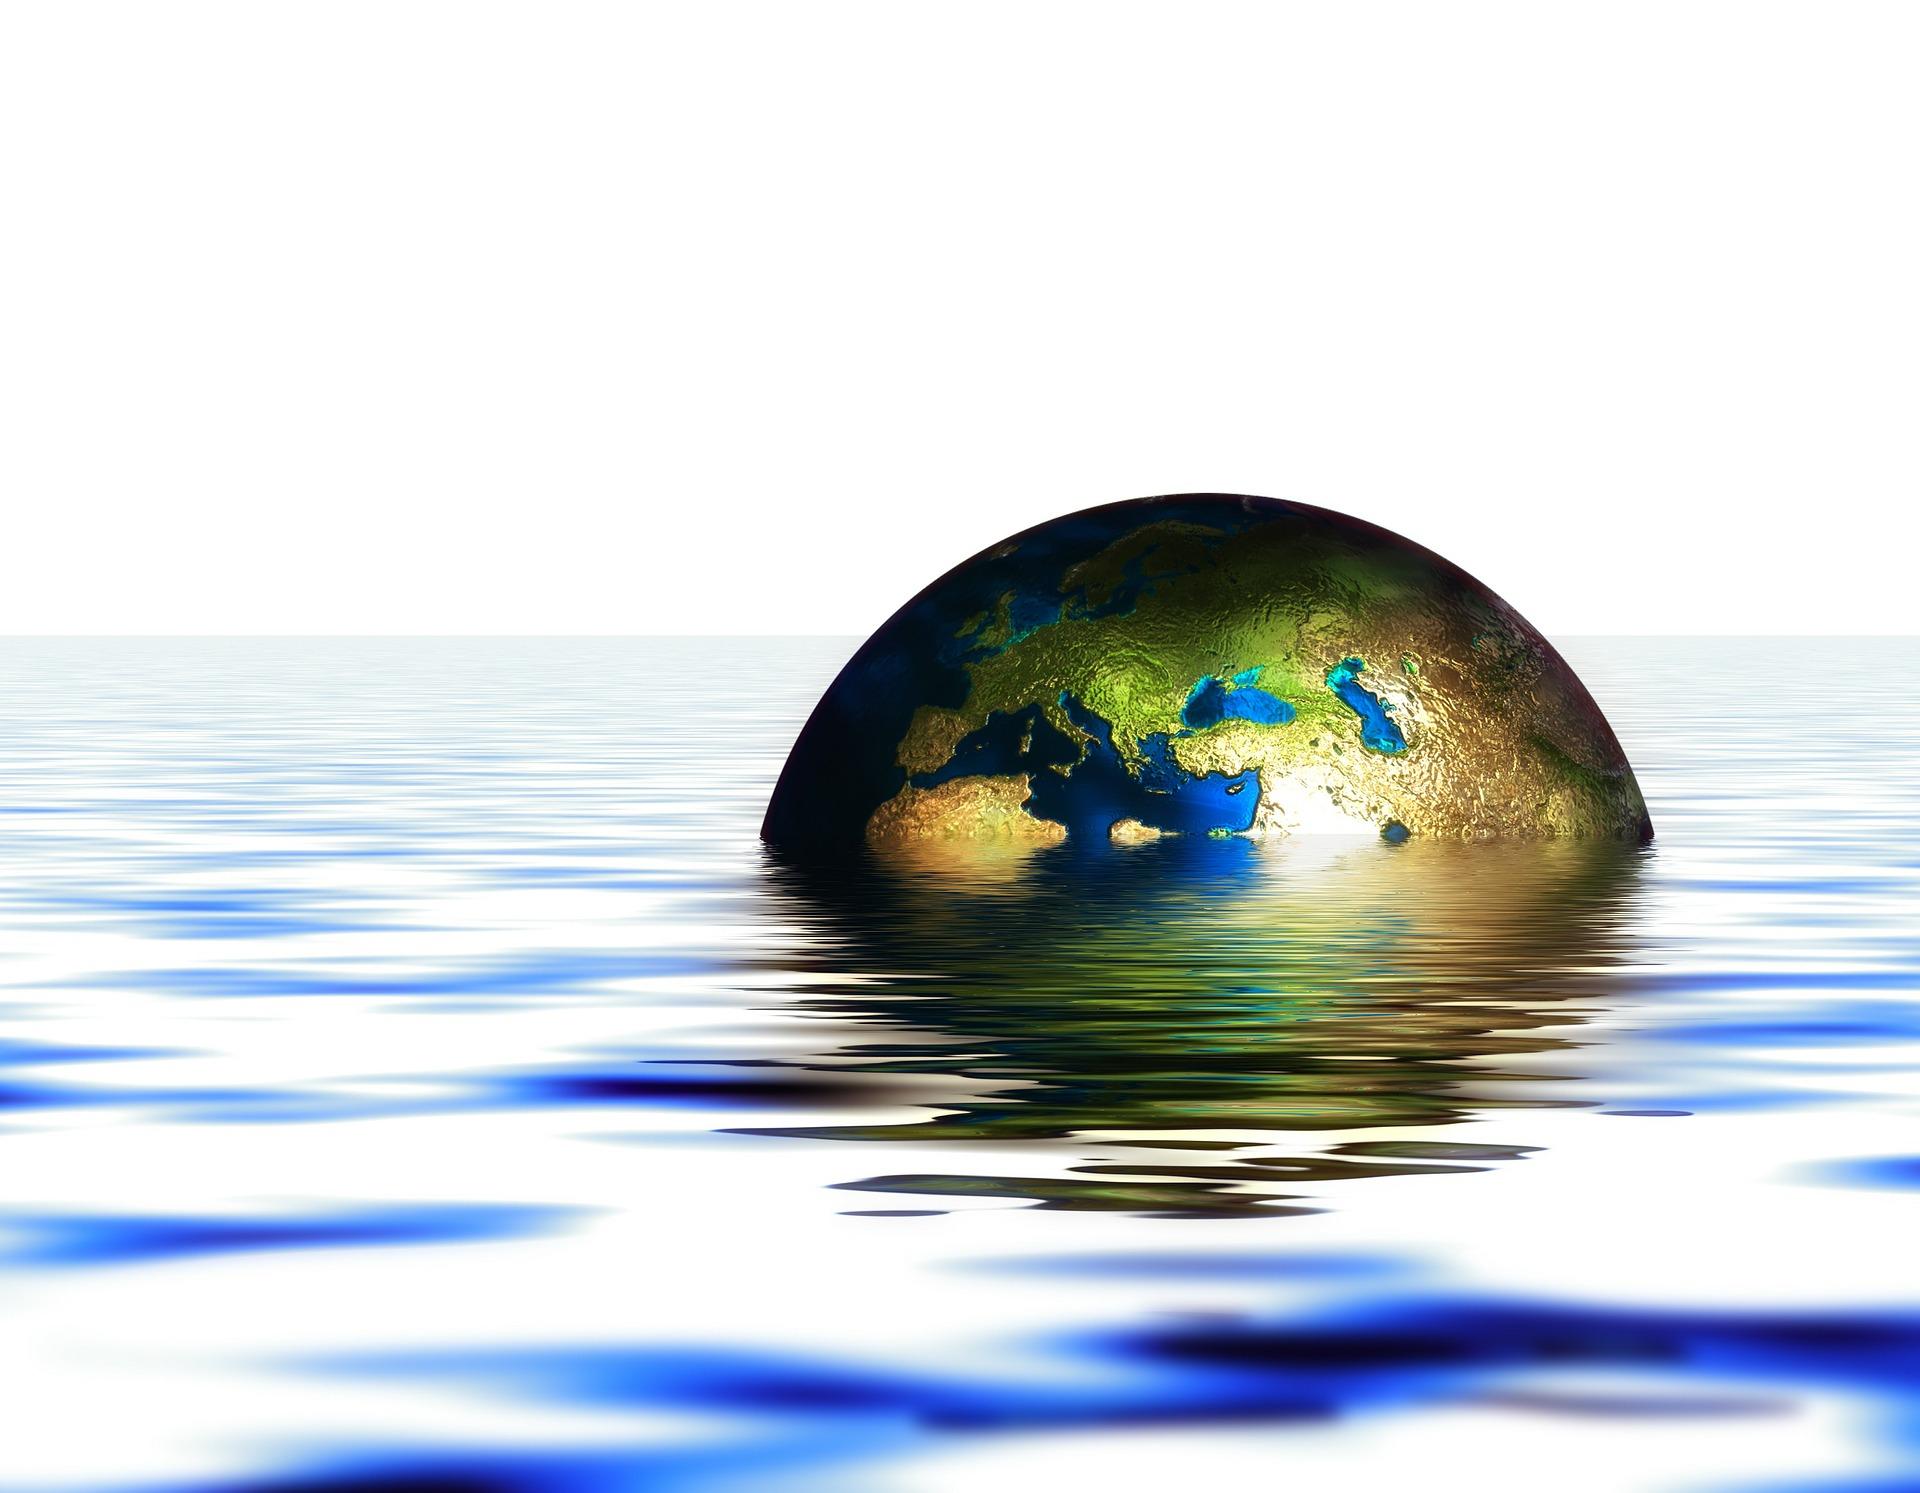 Grafische Darstellung Erdkugel liegt in Wasser.